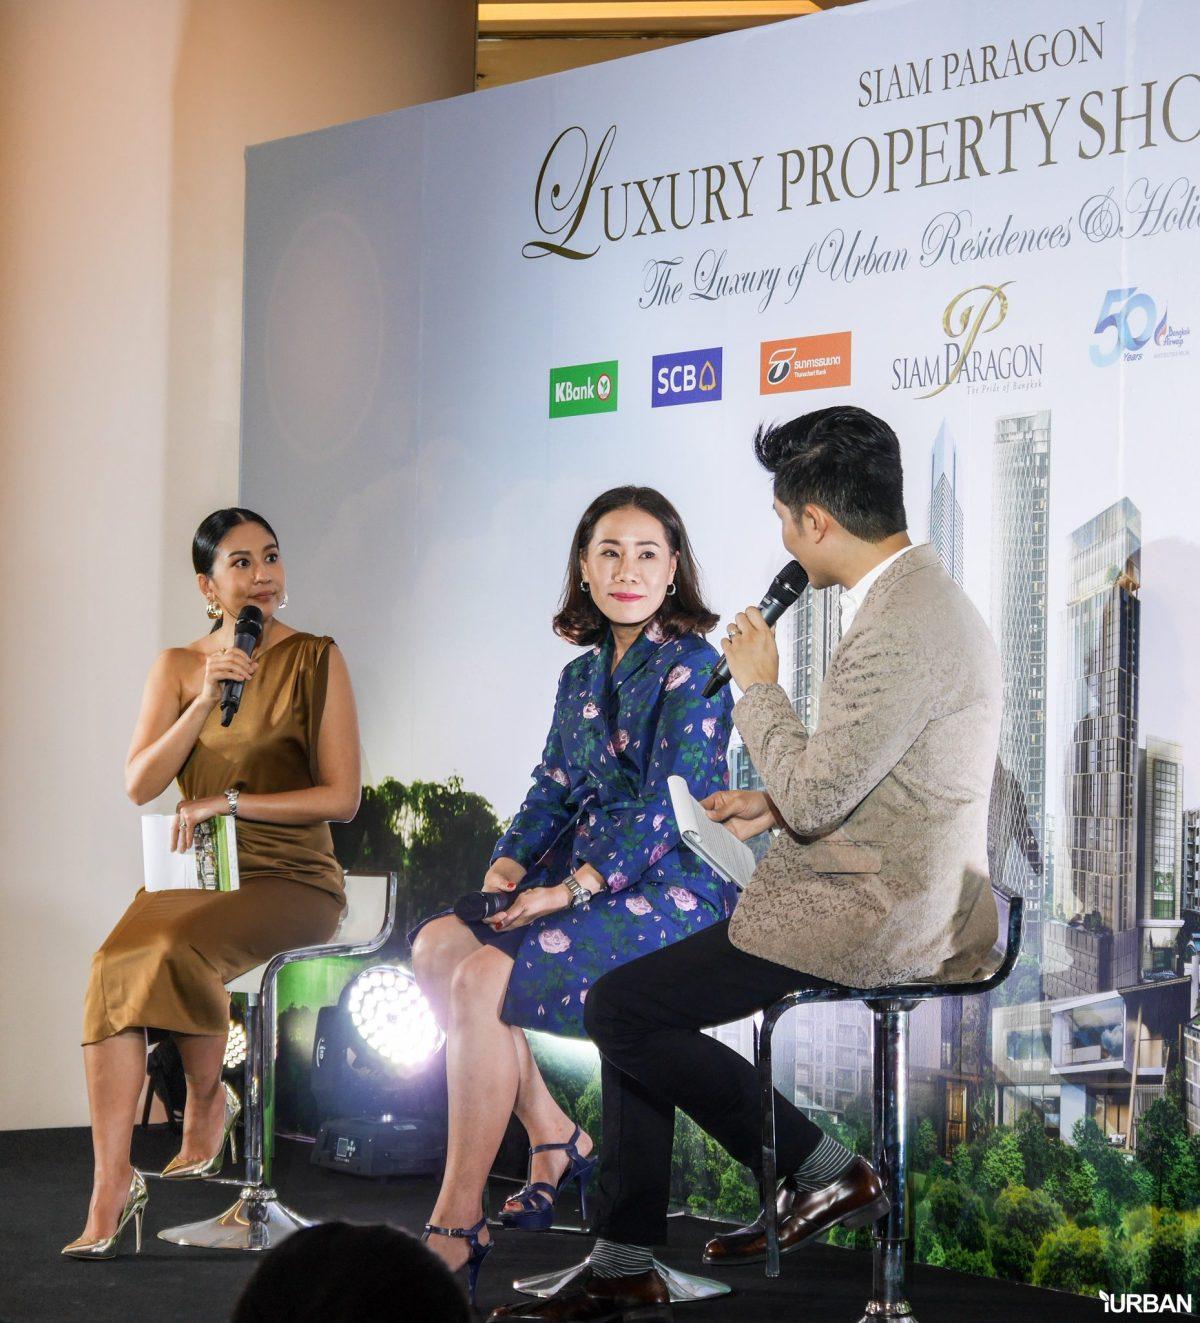 เดินงาน Siam Paragon Luxury Property Showcase 2018 สำรวจสุดยอดข้อเสนอโครงการระดับมาสเตอร์พีช 44 - AP (Thailand) - เอพี (ไทยแลนด์)